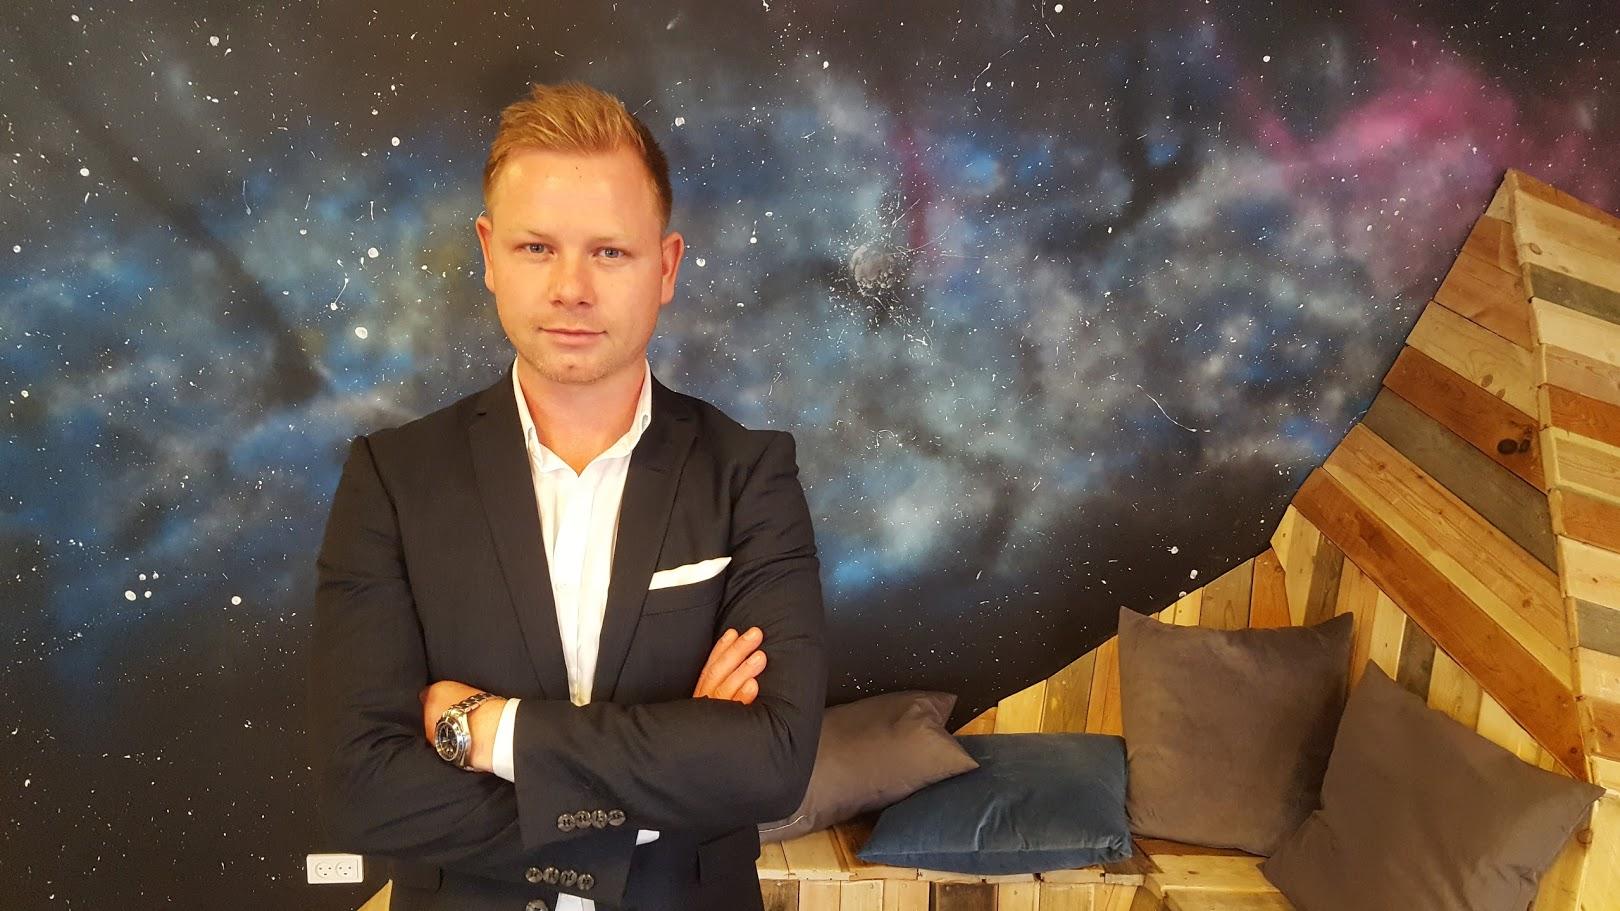 """Dansk startup satser på digital arbejdsplatform: """"Alt tyder på, at antallet af freelancere og selvstændige vil vokse"""""""